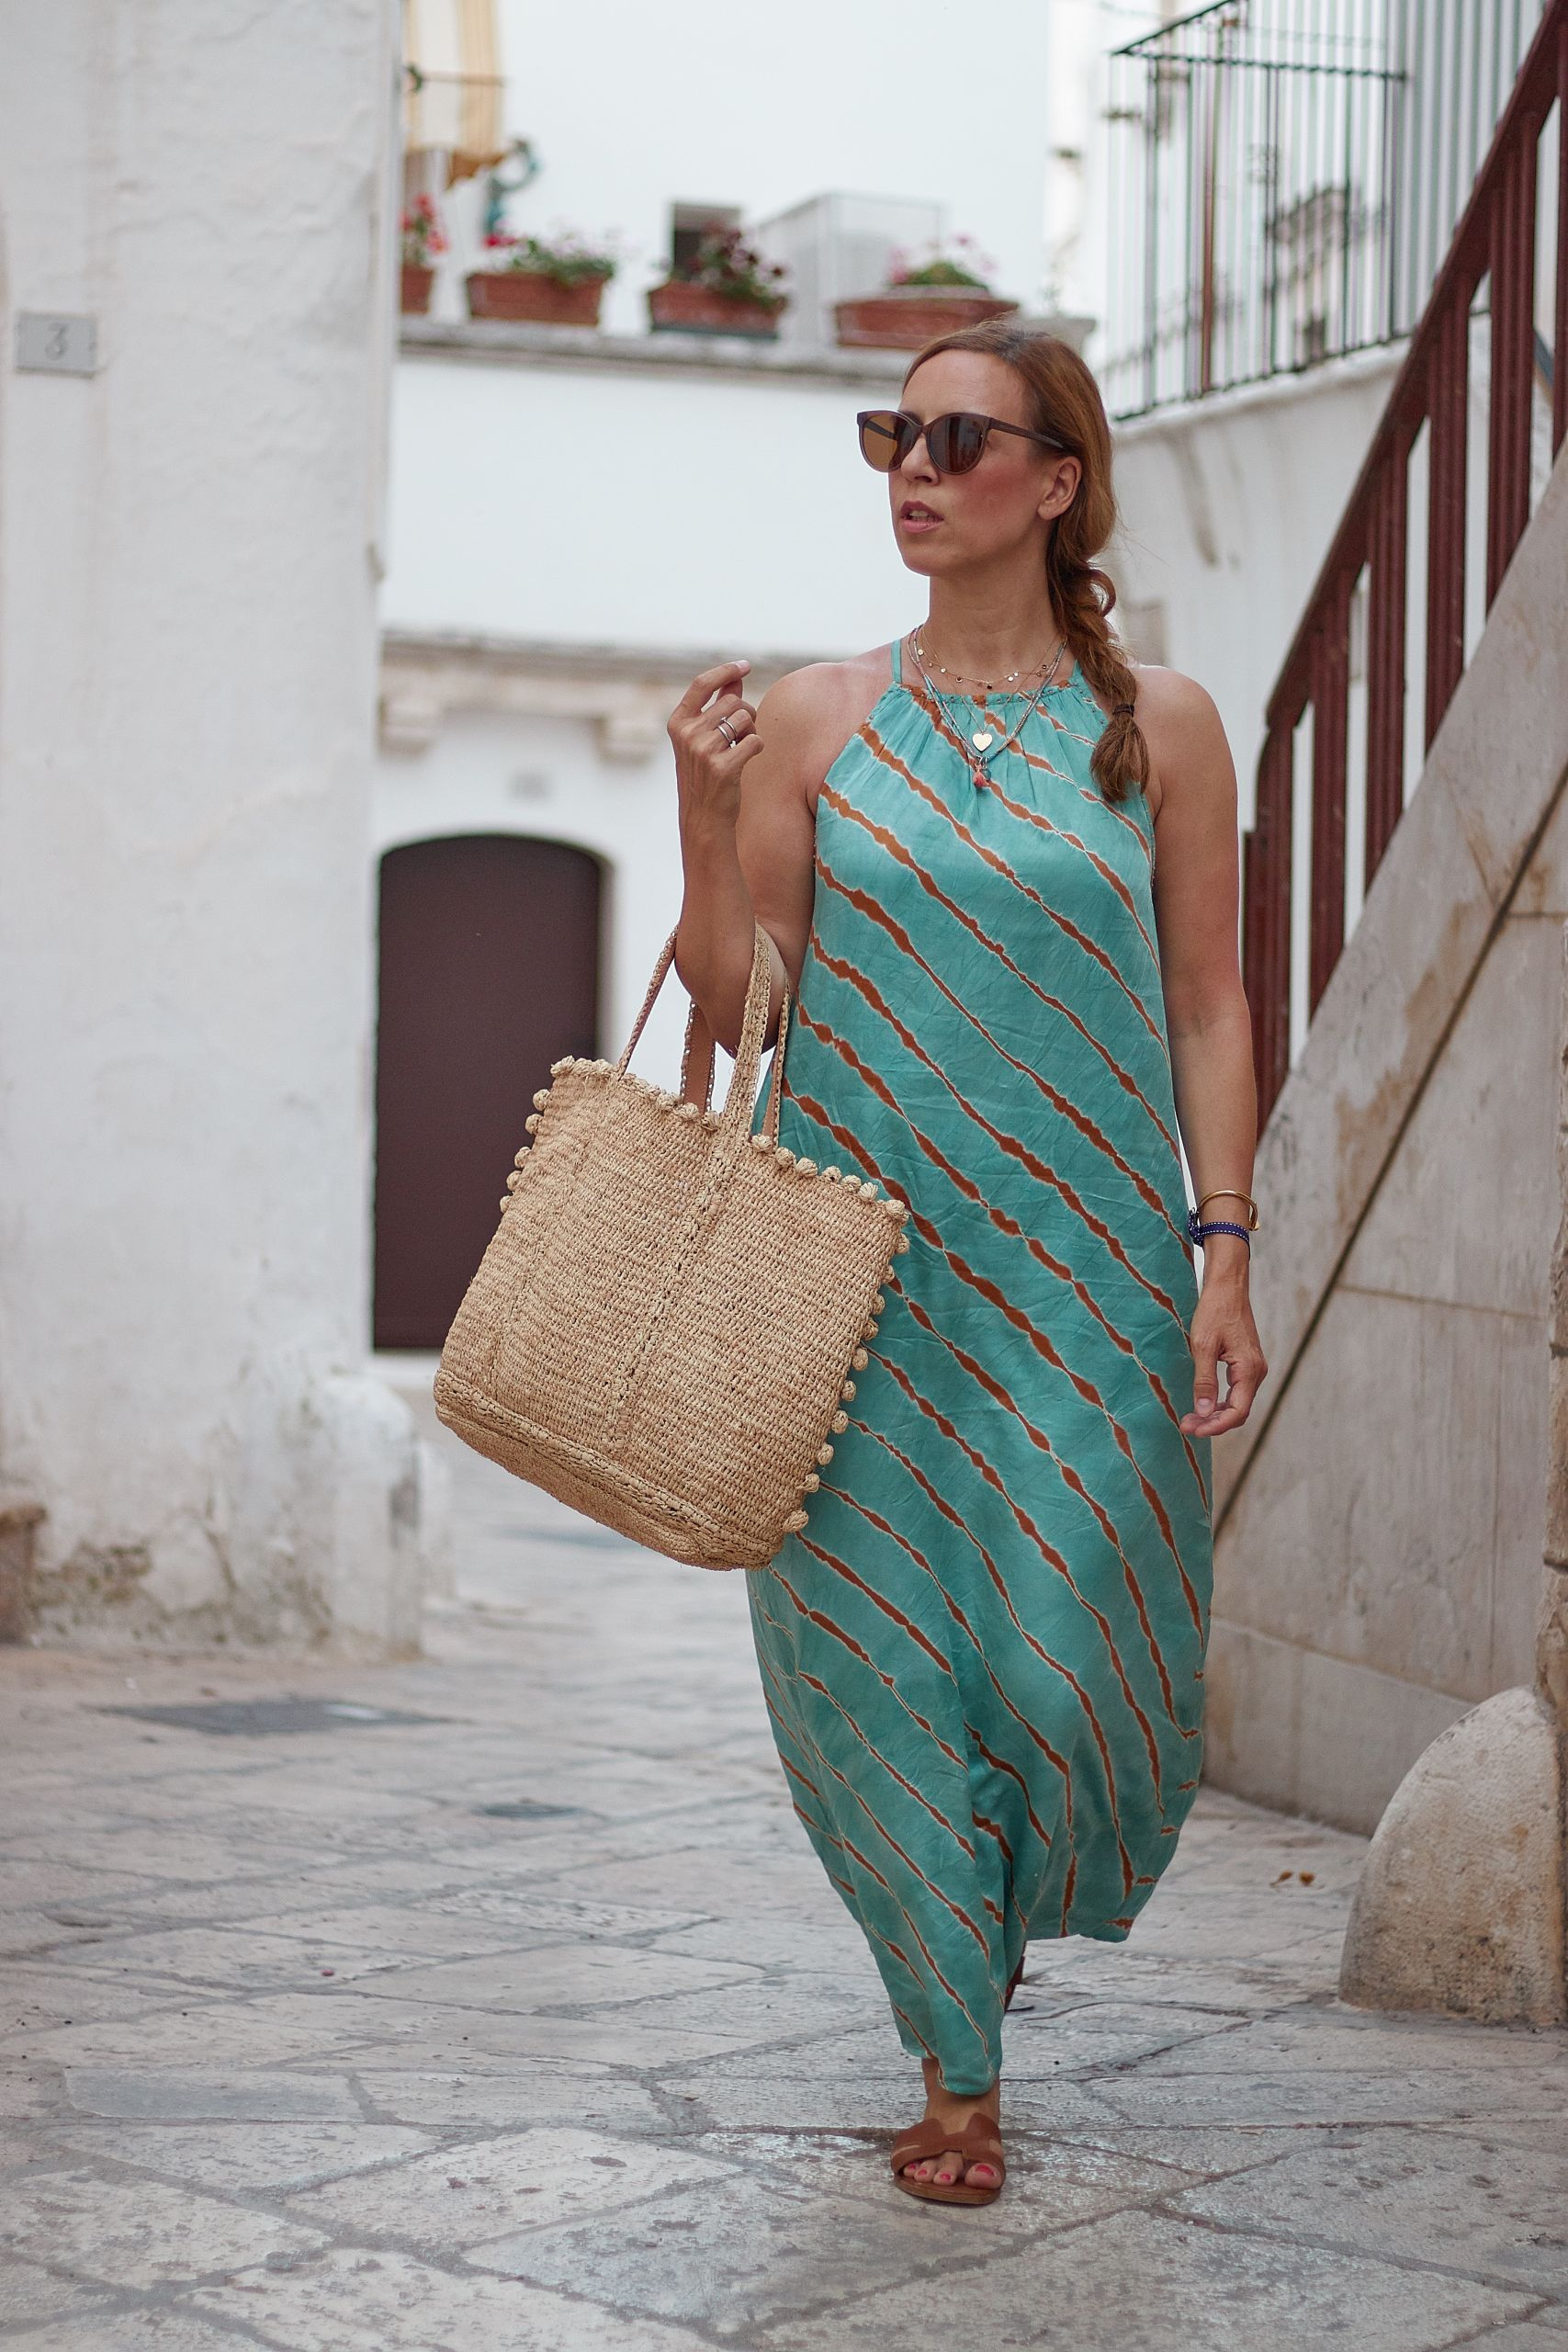 Maison Hotel Kleid zur Ledertasche von Settimo Cielo in Locorotondo in Apulien